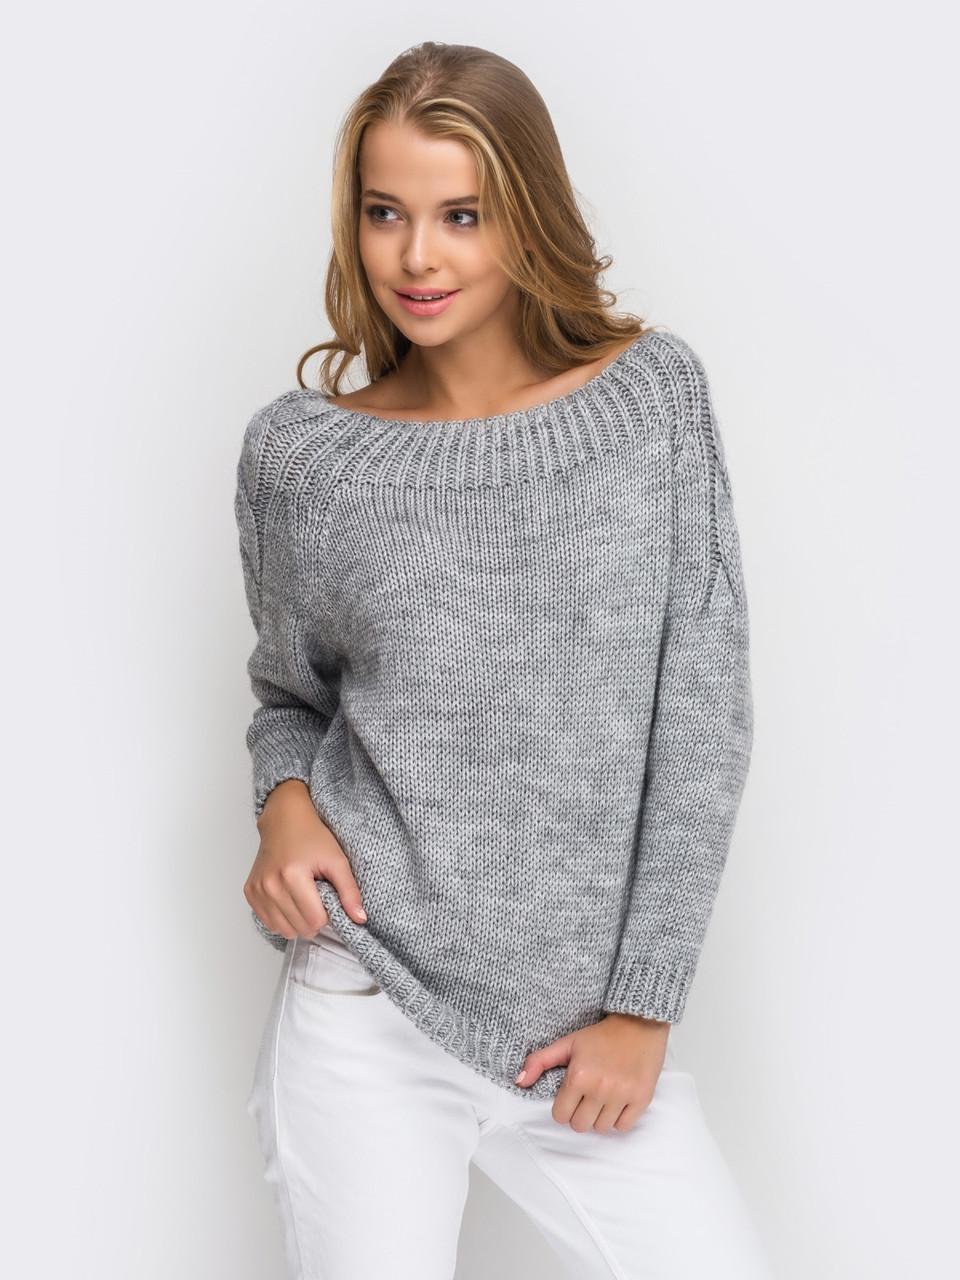 женский модный вязаный серый свитер вязаная одежда р44 46 продажа